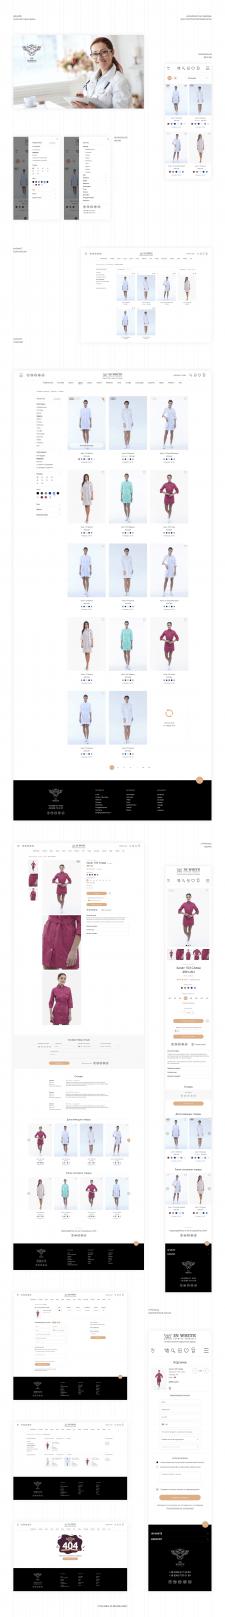 Интернет-магазин, одежда для работников медицины